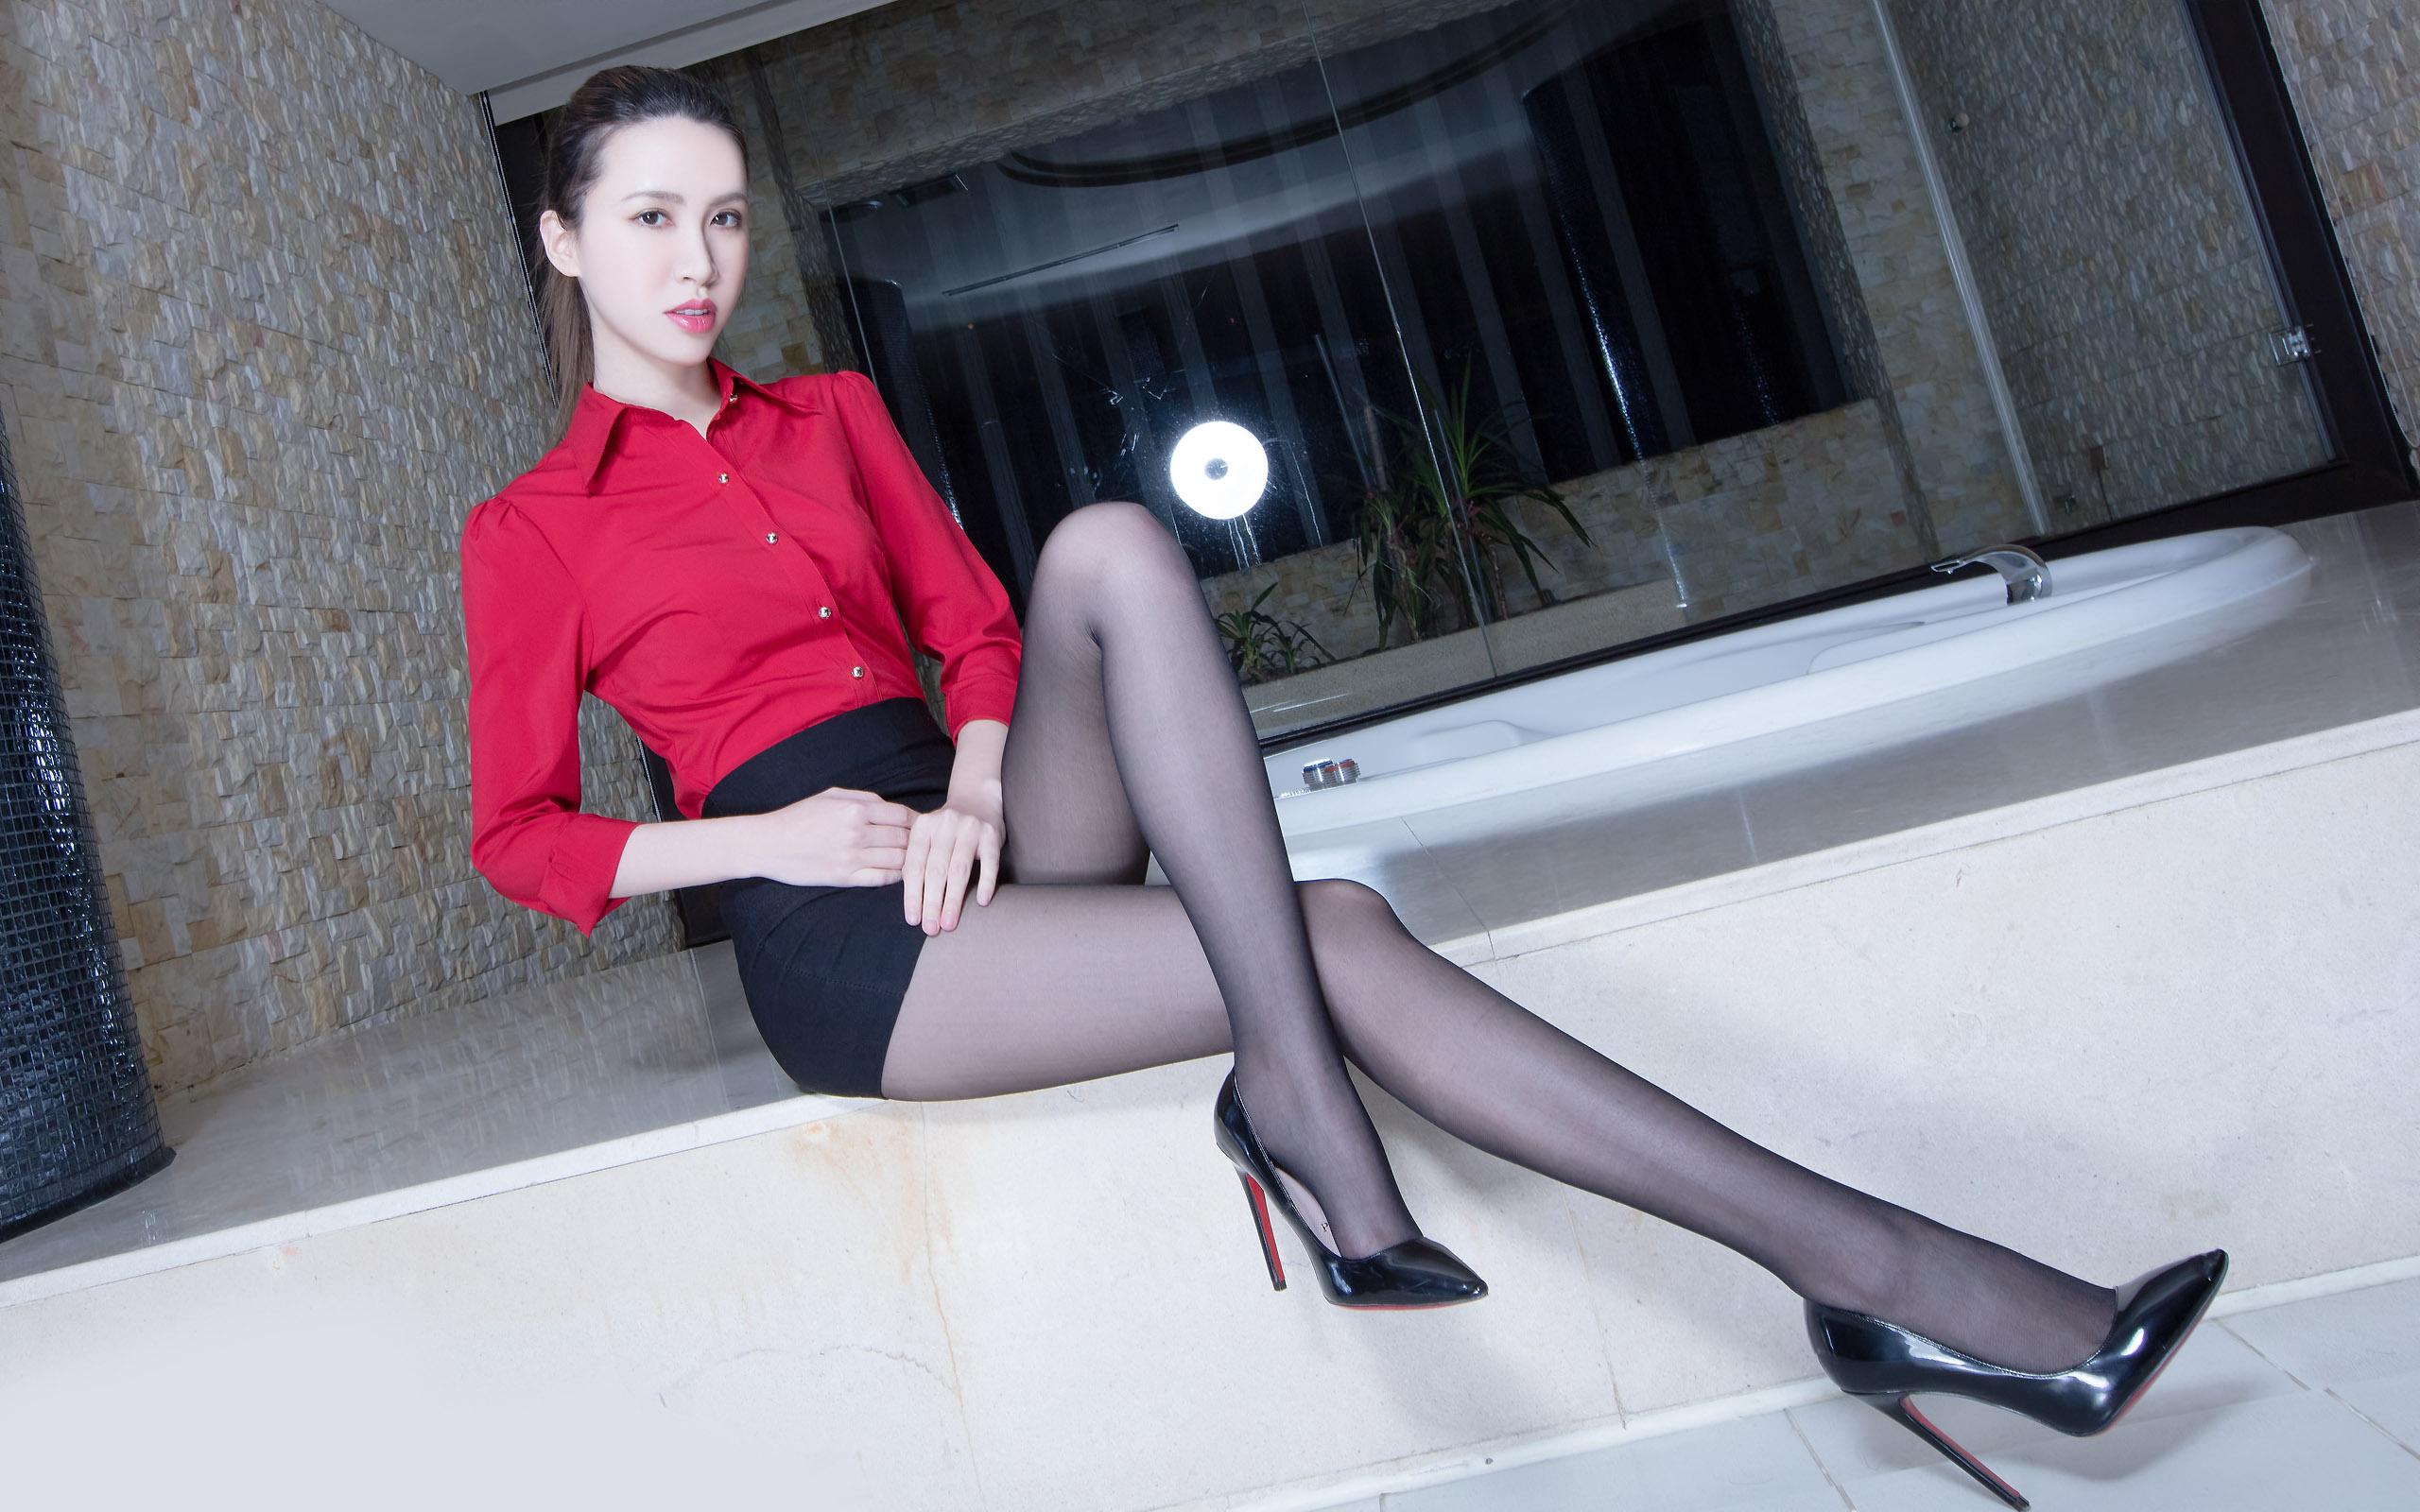 臺灣美腿美女Stephy1 - 花開有聲 - 花開有聲